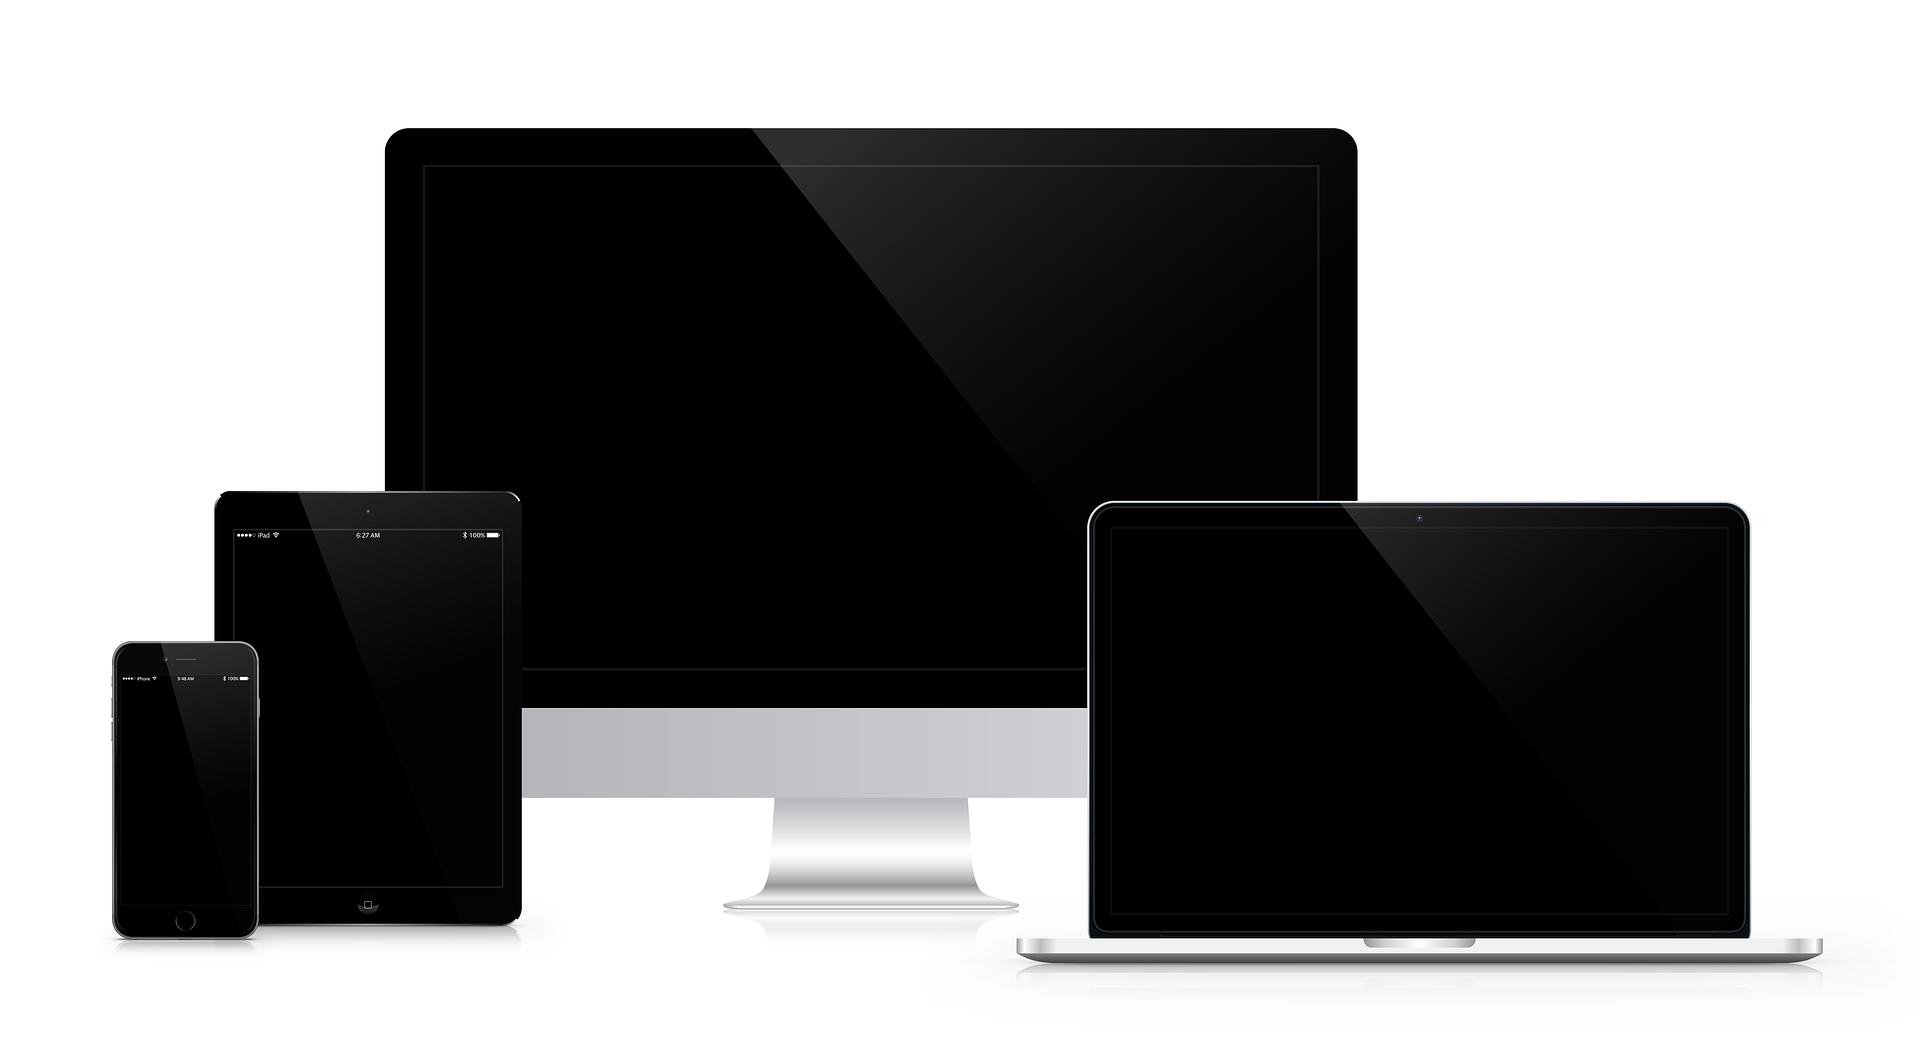 Displayer för tv-övervakning: mobil, surfplatta, skärm och dator.